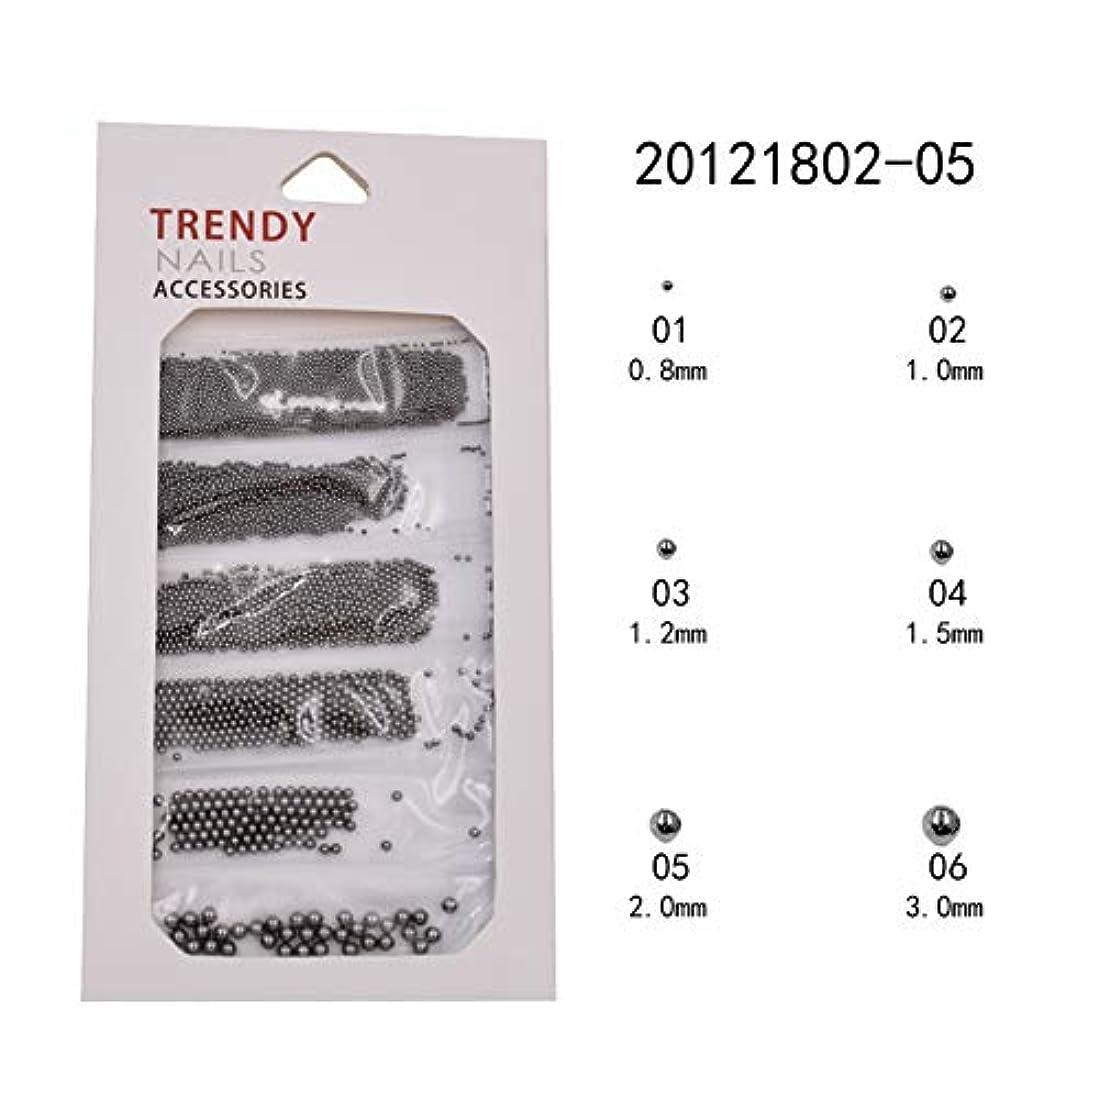 メーリンドス ネイル3Dデザインアートパーツ ネイルブリオン ゴールド&シルバー&ブラック&バラゴールド&グレー 0.8/1.0/1.2/1.5/2/3mm ネイルパーツデコレーション (04)